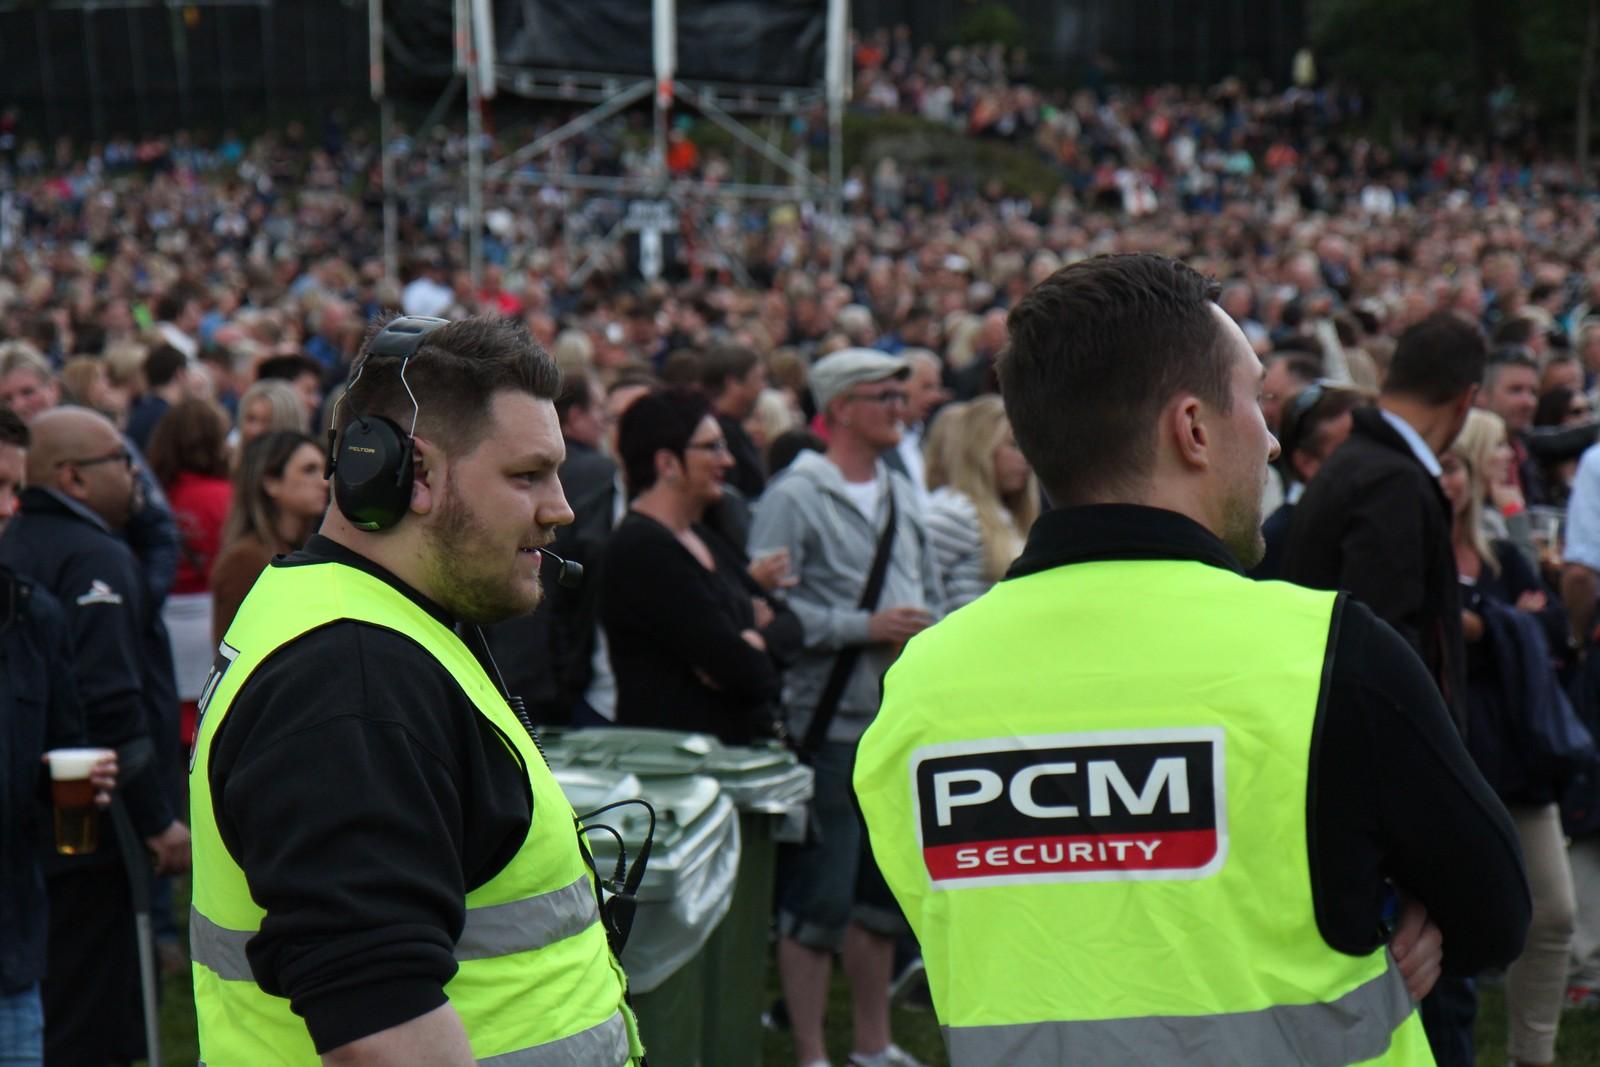 Det var mykje vakthald på konserten.